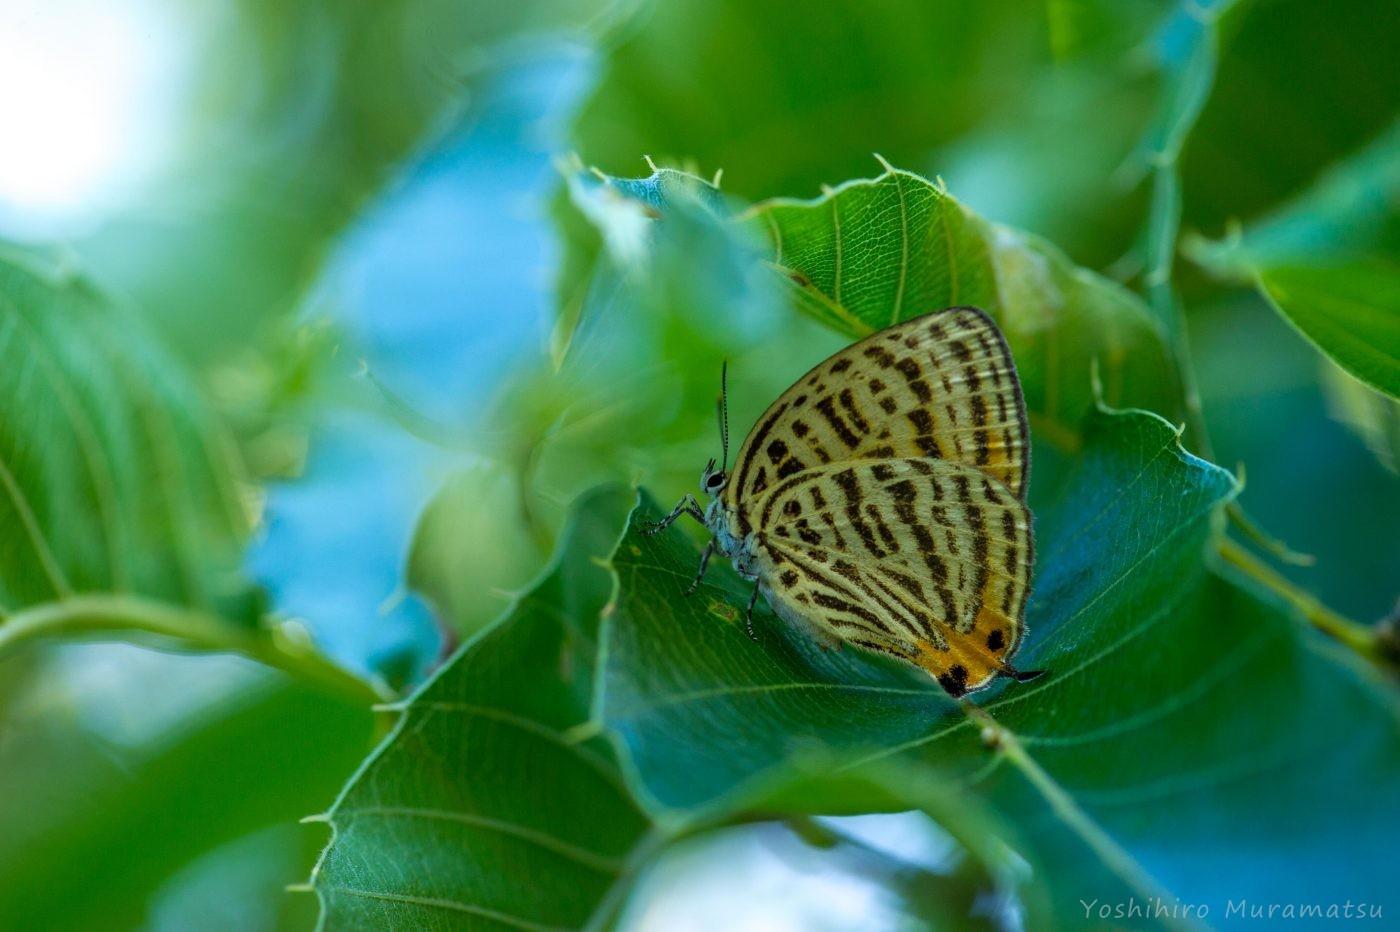 ウラナミアカシジミの写真